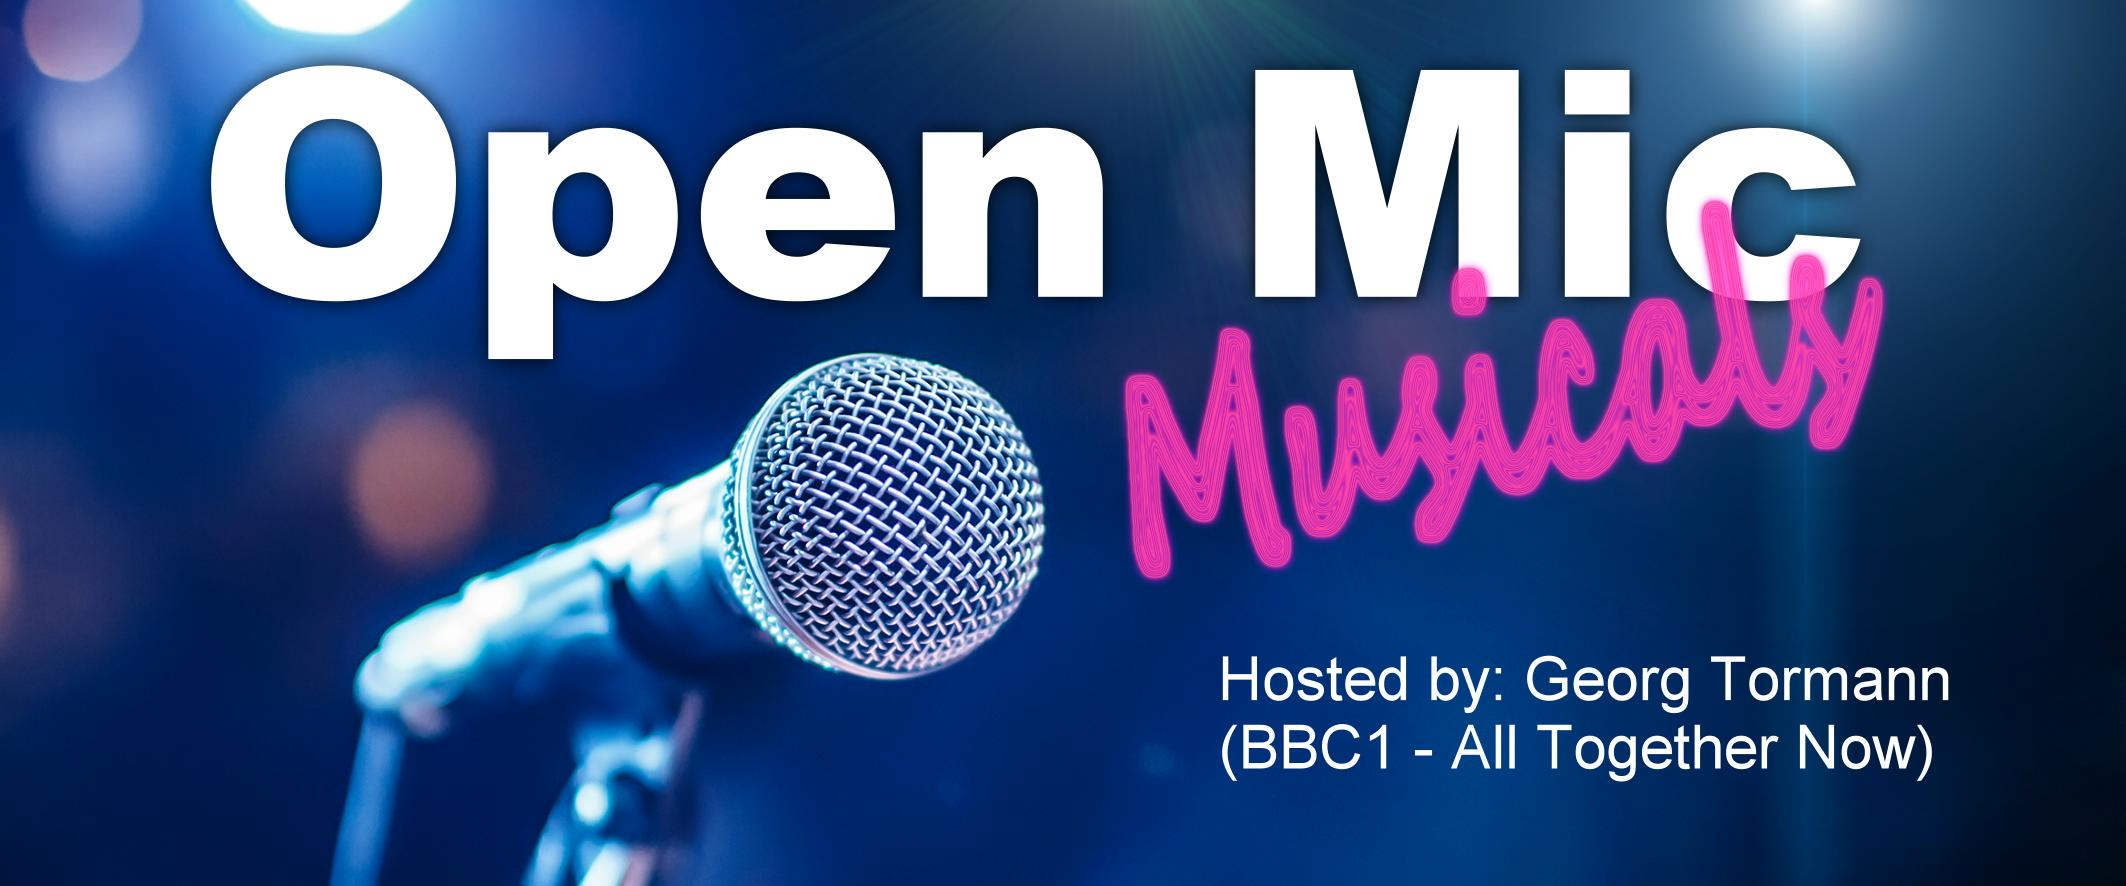 CB: Open Mic Musicals